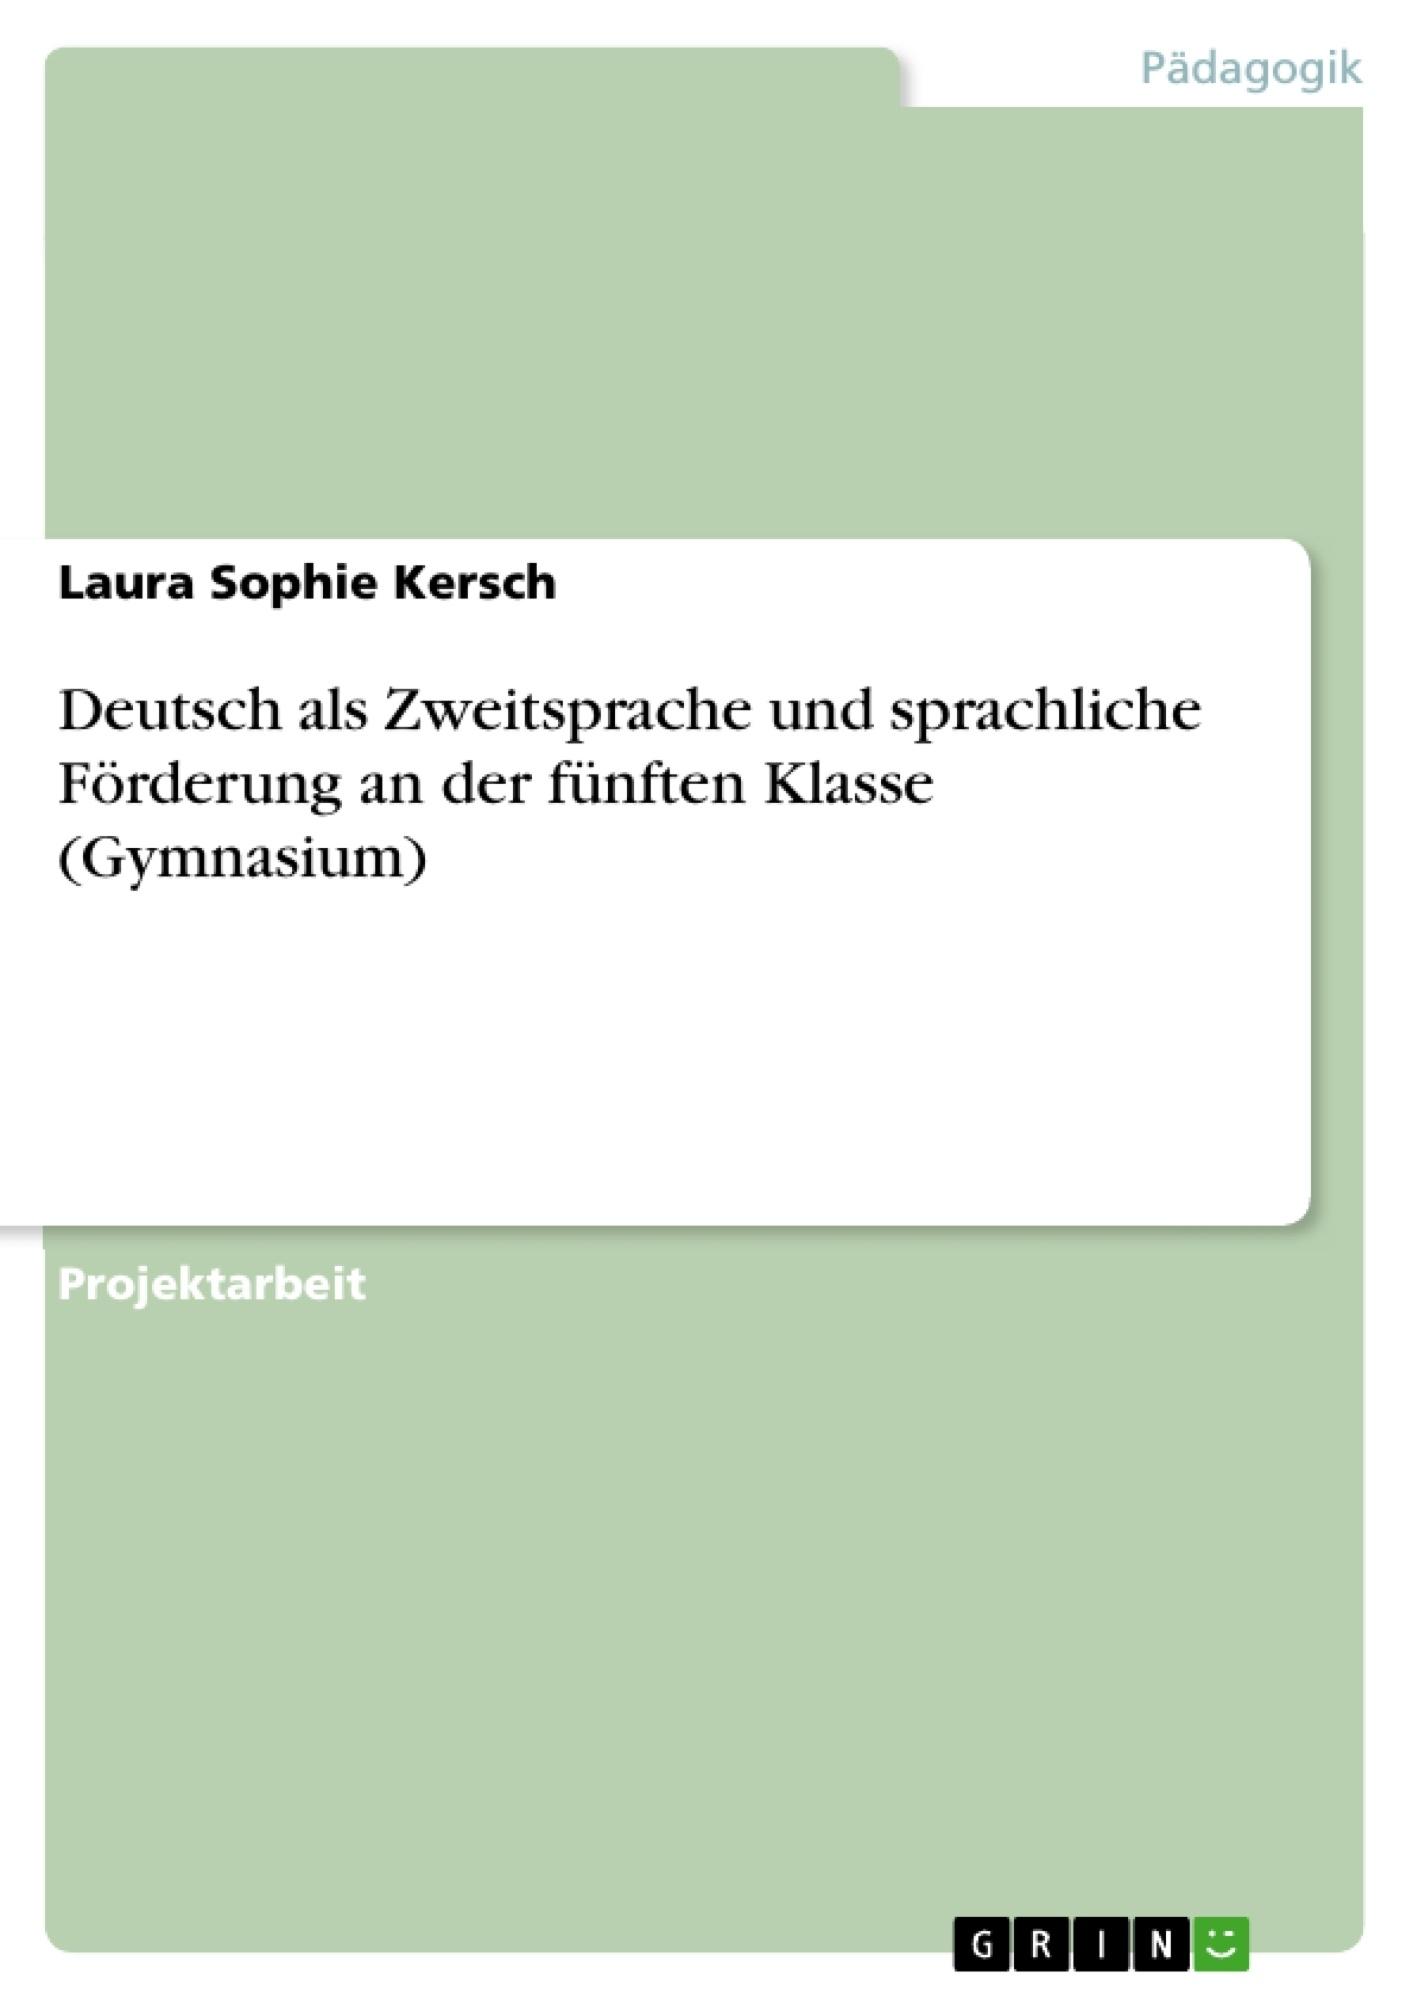 Titel: Deutsch als Zweitsprache und sprachliche Förderung an der fünften Klasse ( Gymnasium)